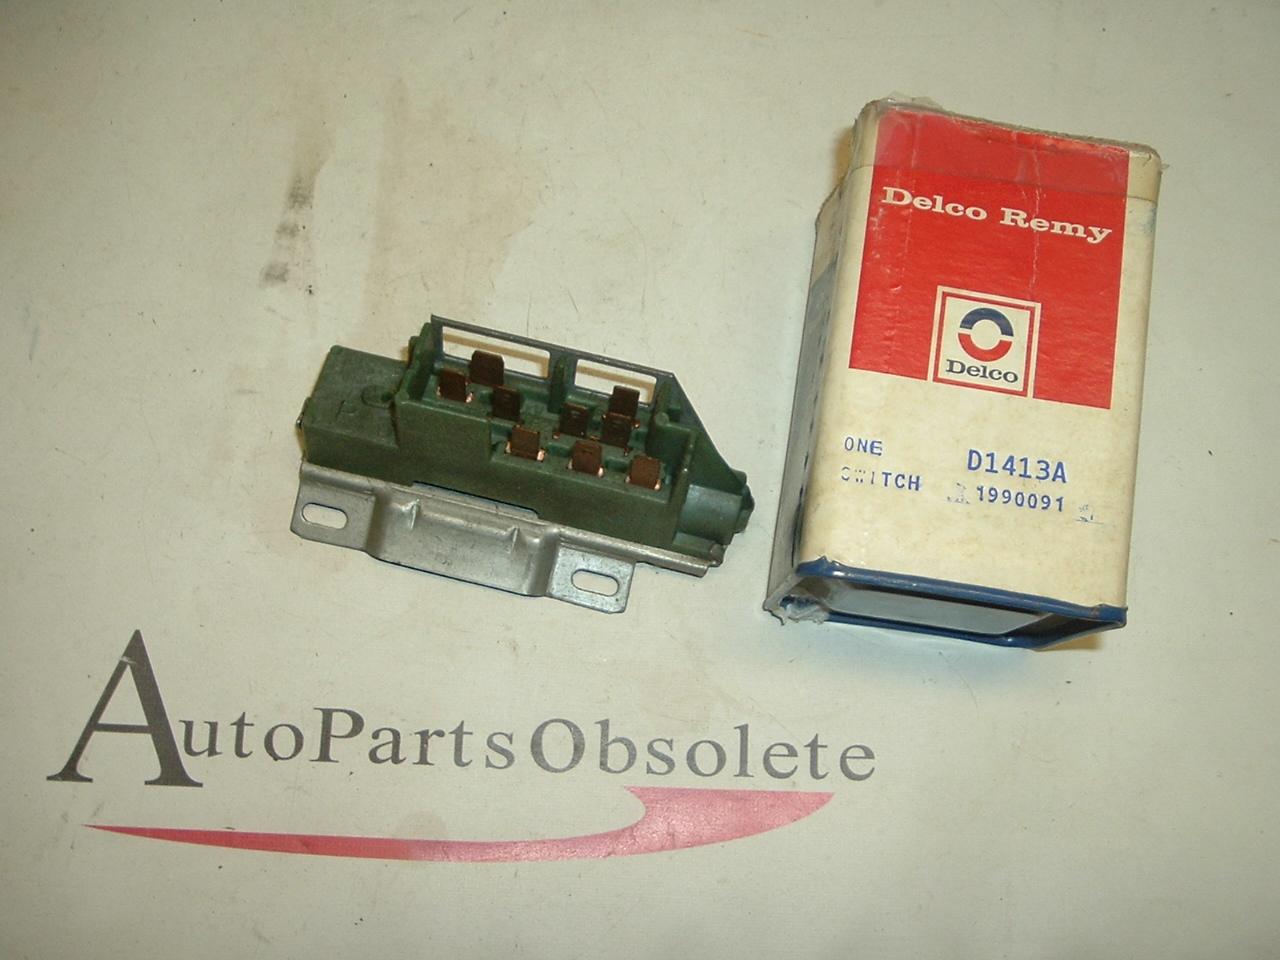 1969 1970 Pontiac GTO Firebird ignition switch 1990091 (a 1990091)